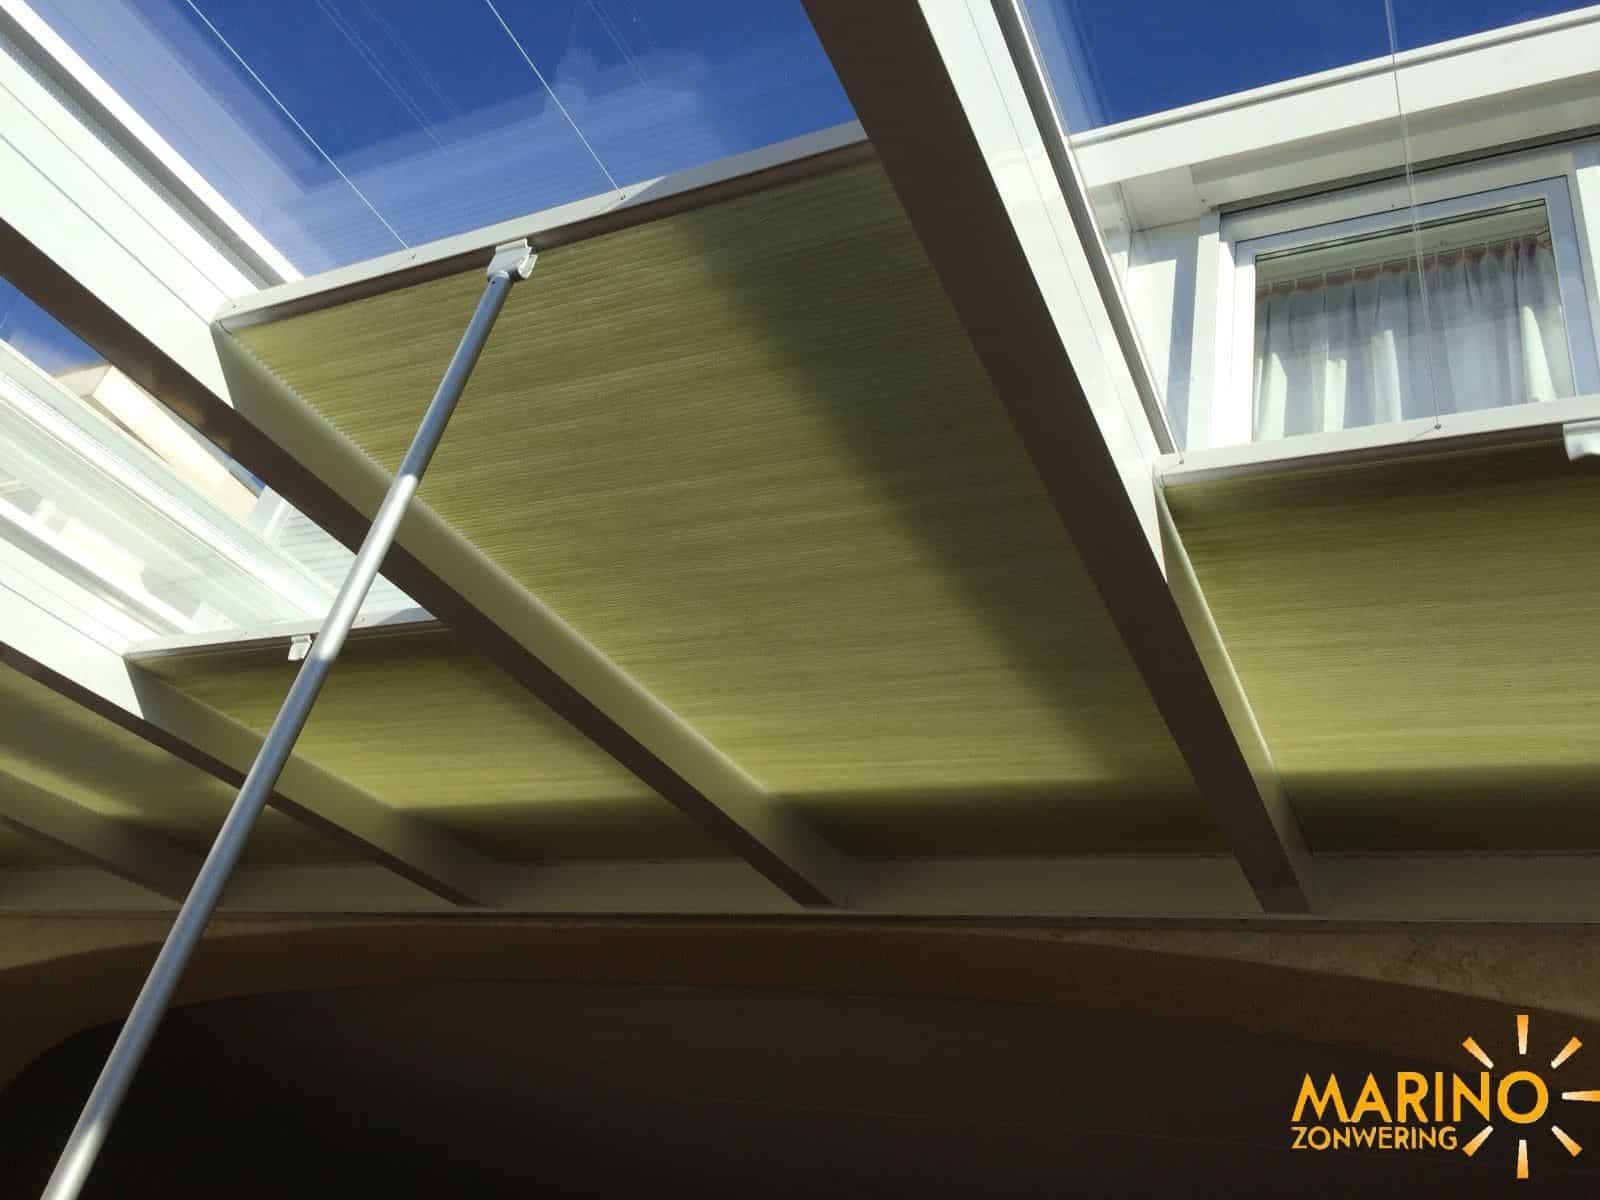 Home Veranda Veranda en lichtstraat zonweringen Marino plissé zonwering voor lichtstraat en veranda